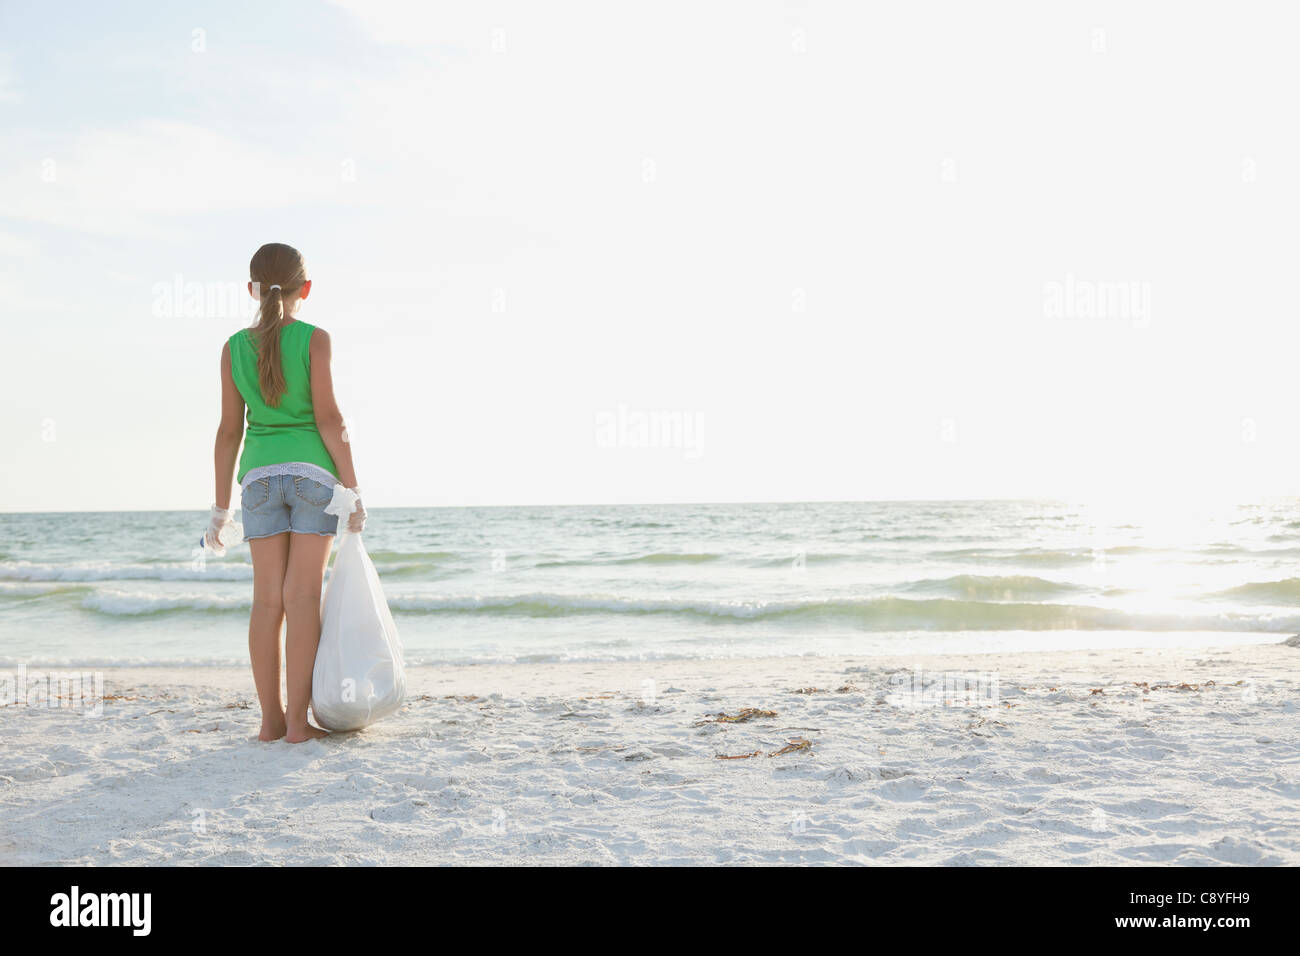 USA, Florida, St. Petersburg, Rückansicht des Mädchens (10-11) stehen am Strand mit Müllsack, mit Stockbild